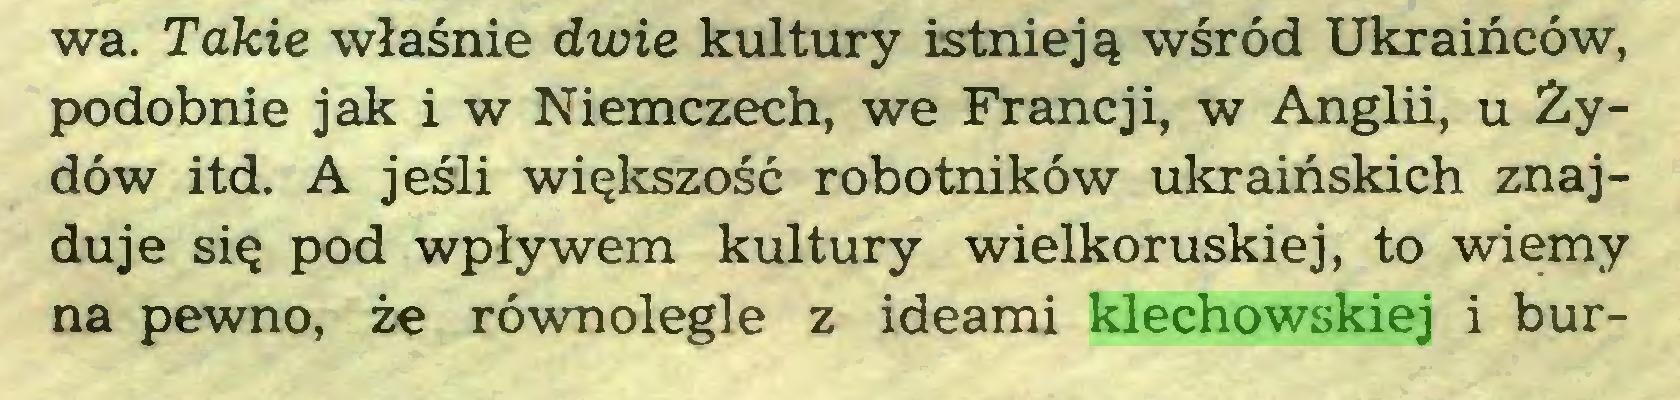 (...) wa. Takie właśnie dwie kultury istnieją wśród Ukraińców, podobnie jak i w Niemczech, we Francji, w Anglii, u Żydów itd. A jeśli większość robotników ukraińskich znajduje się pod wpływem kultury wielkoruskiej, to wiemy na pewno, że równolegle z ideami klechowskiej i bur...